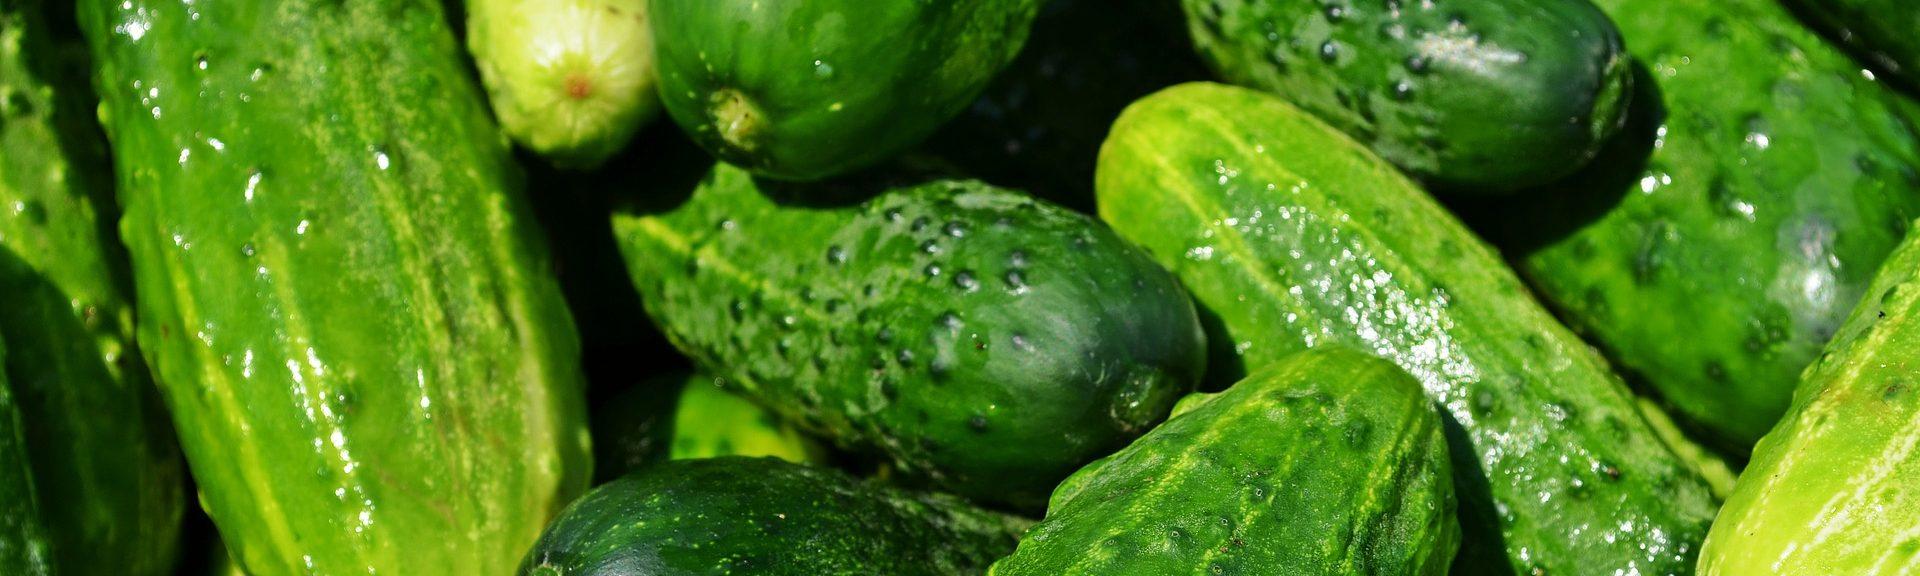 Menú saludable: Tosta de atún con tomate, gazpacho y melón